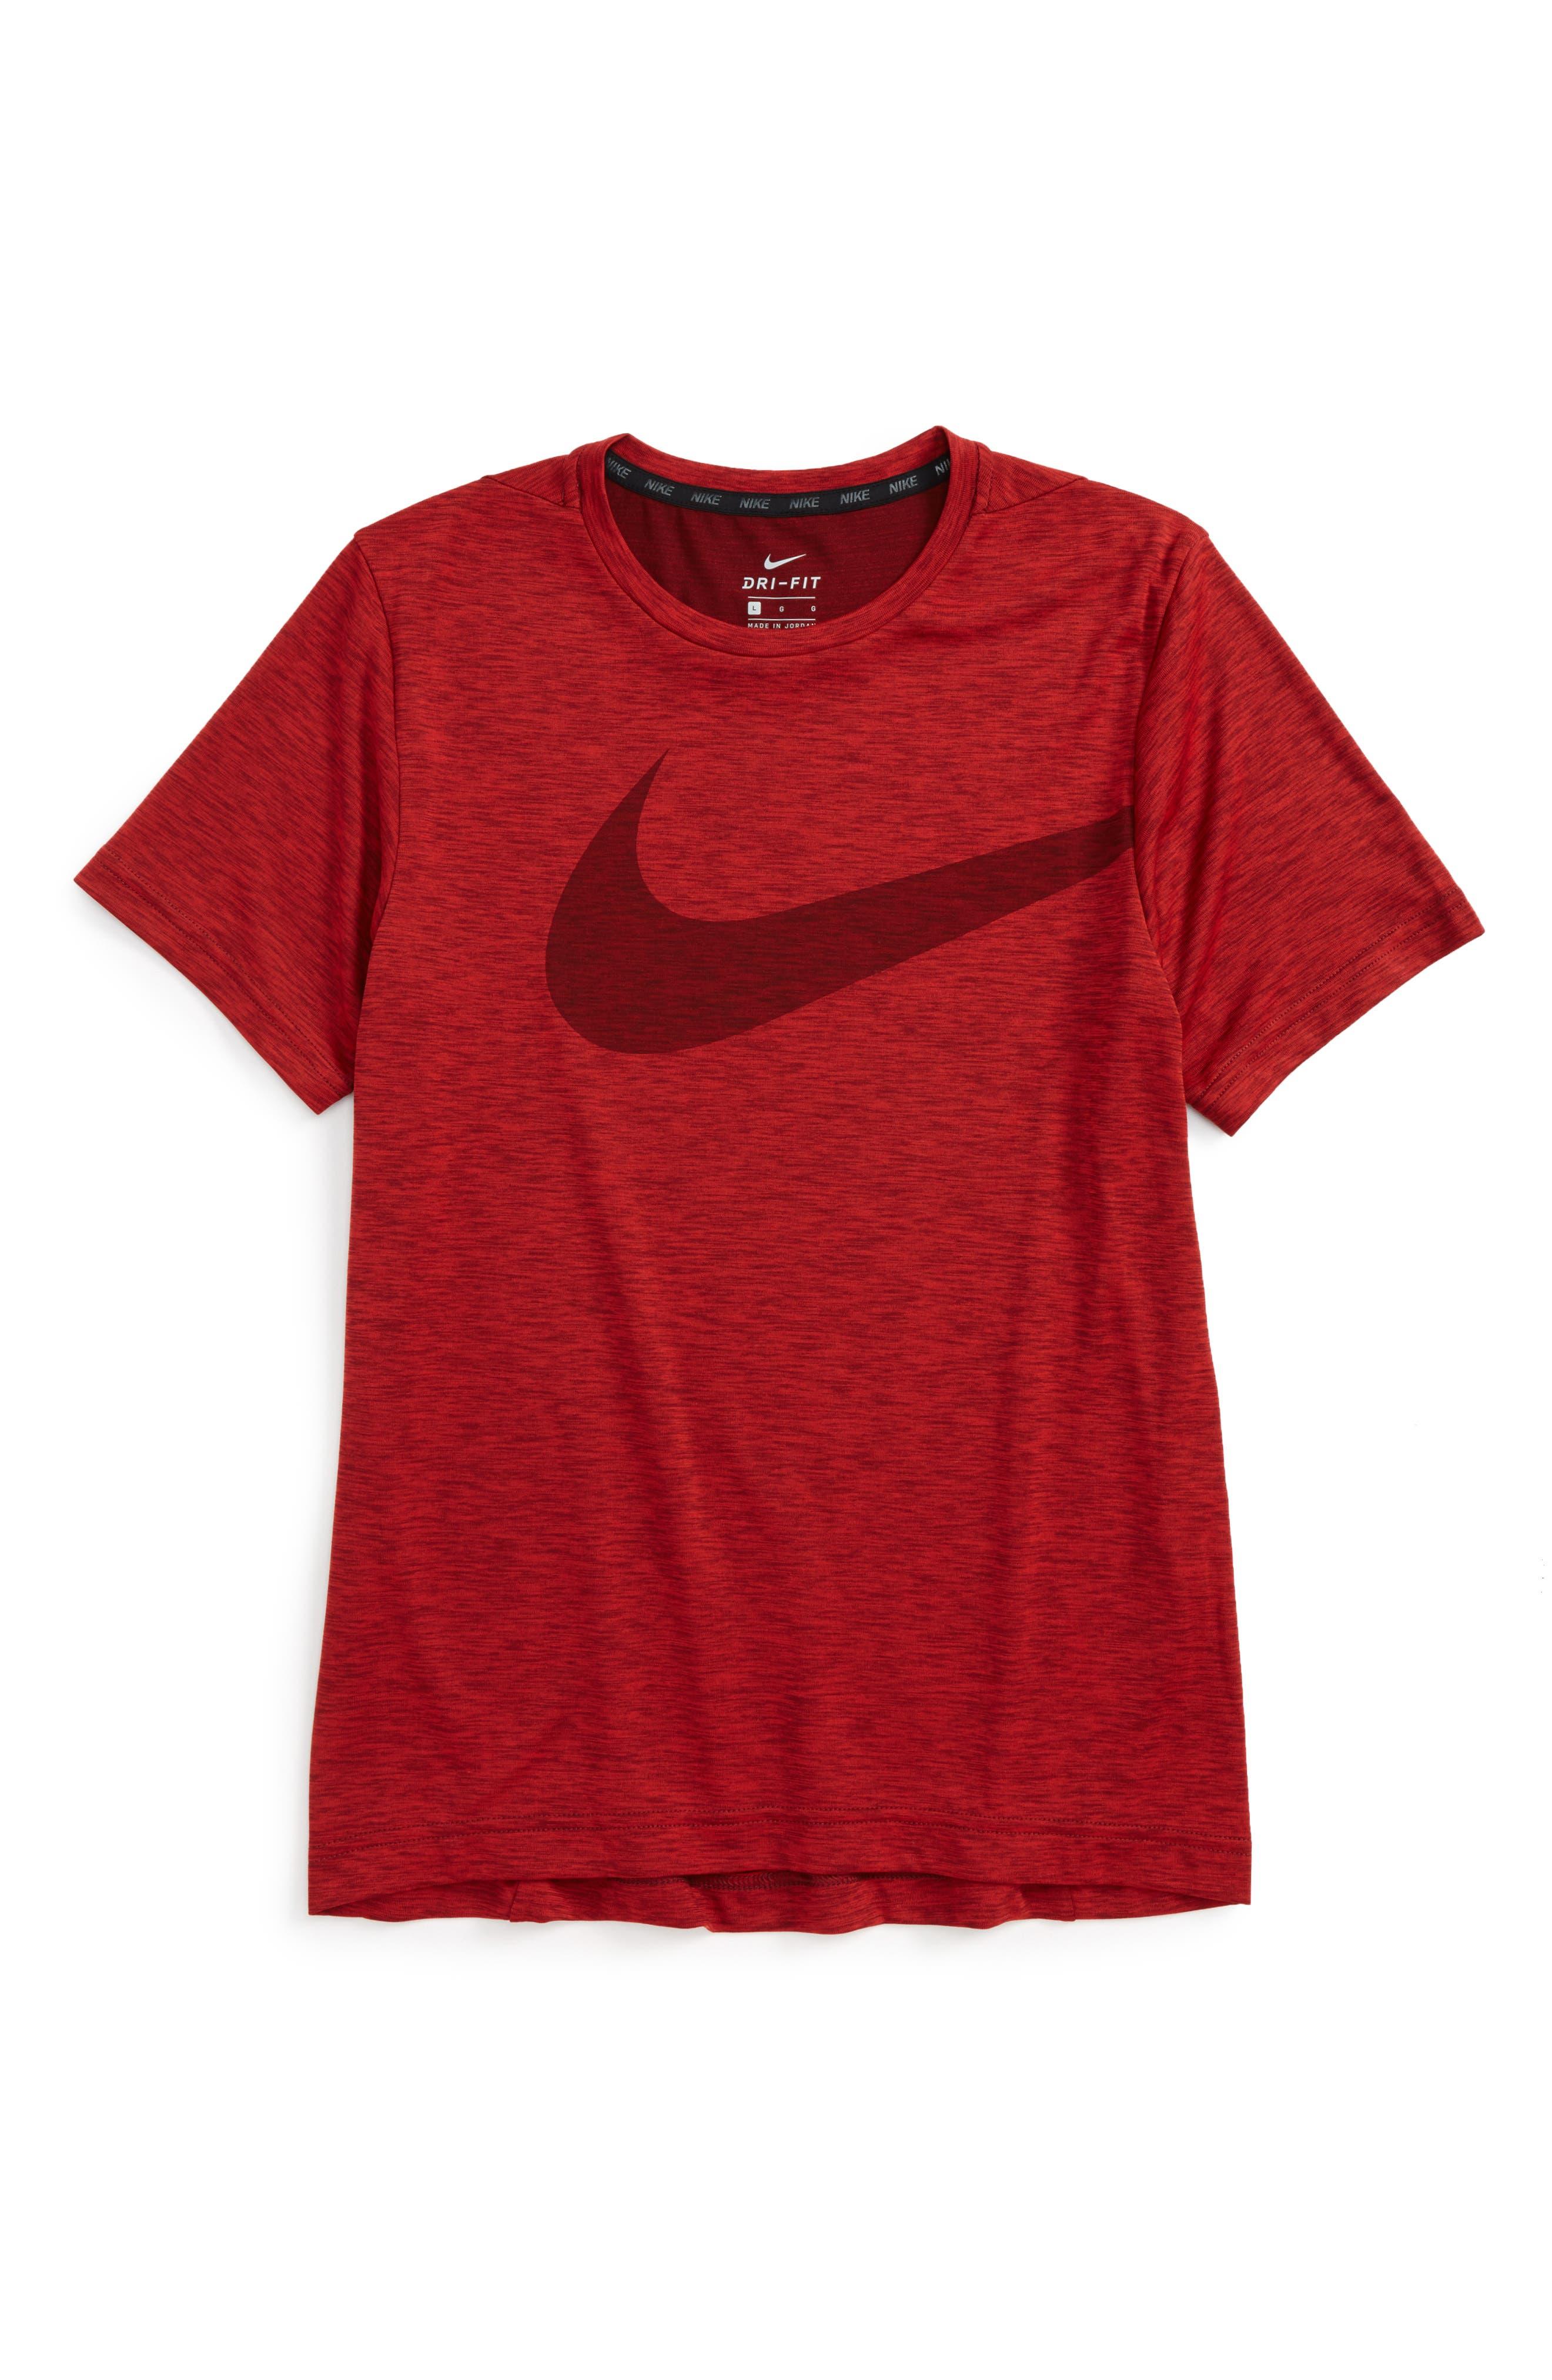 Breathe Dri-FIT T-Shirt,                         Main,                         color, Unvred/ Dktmrd